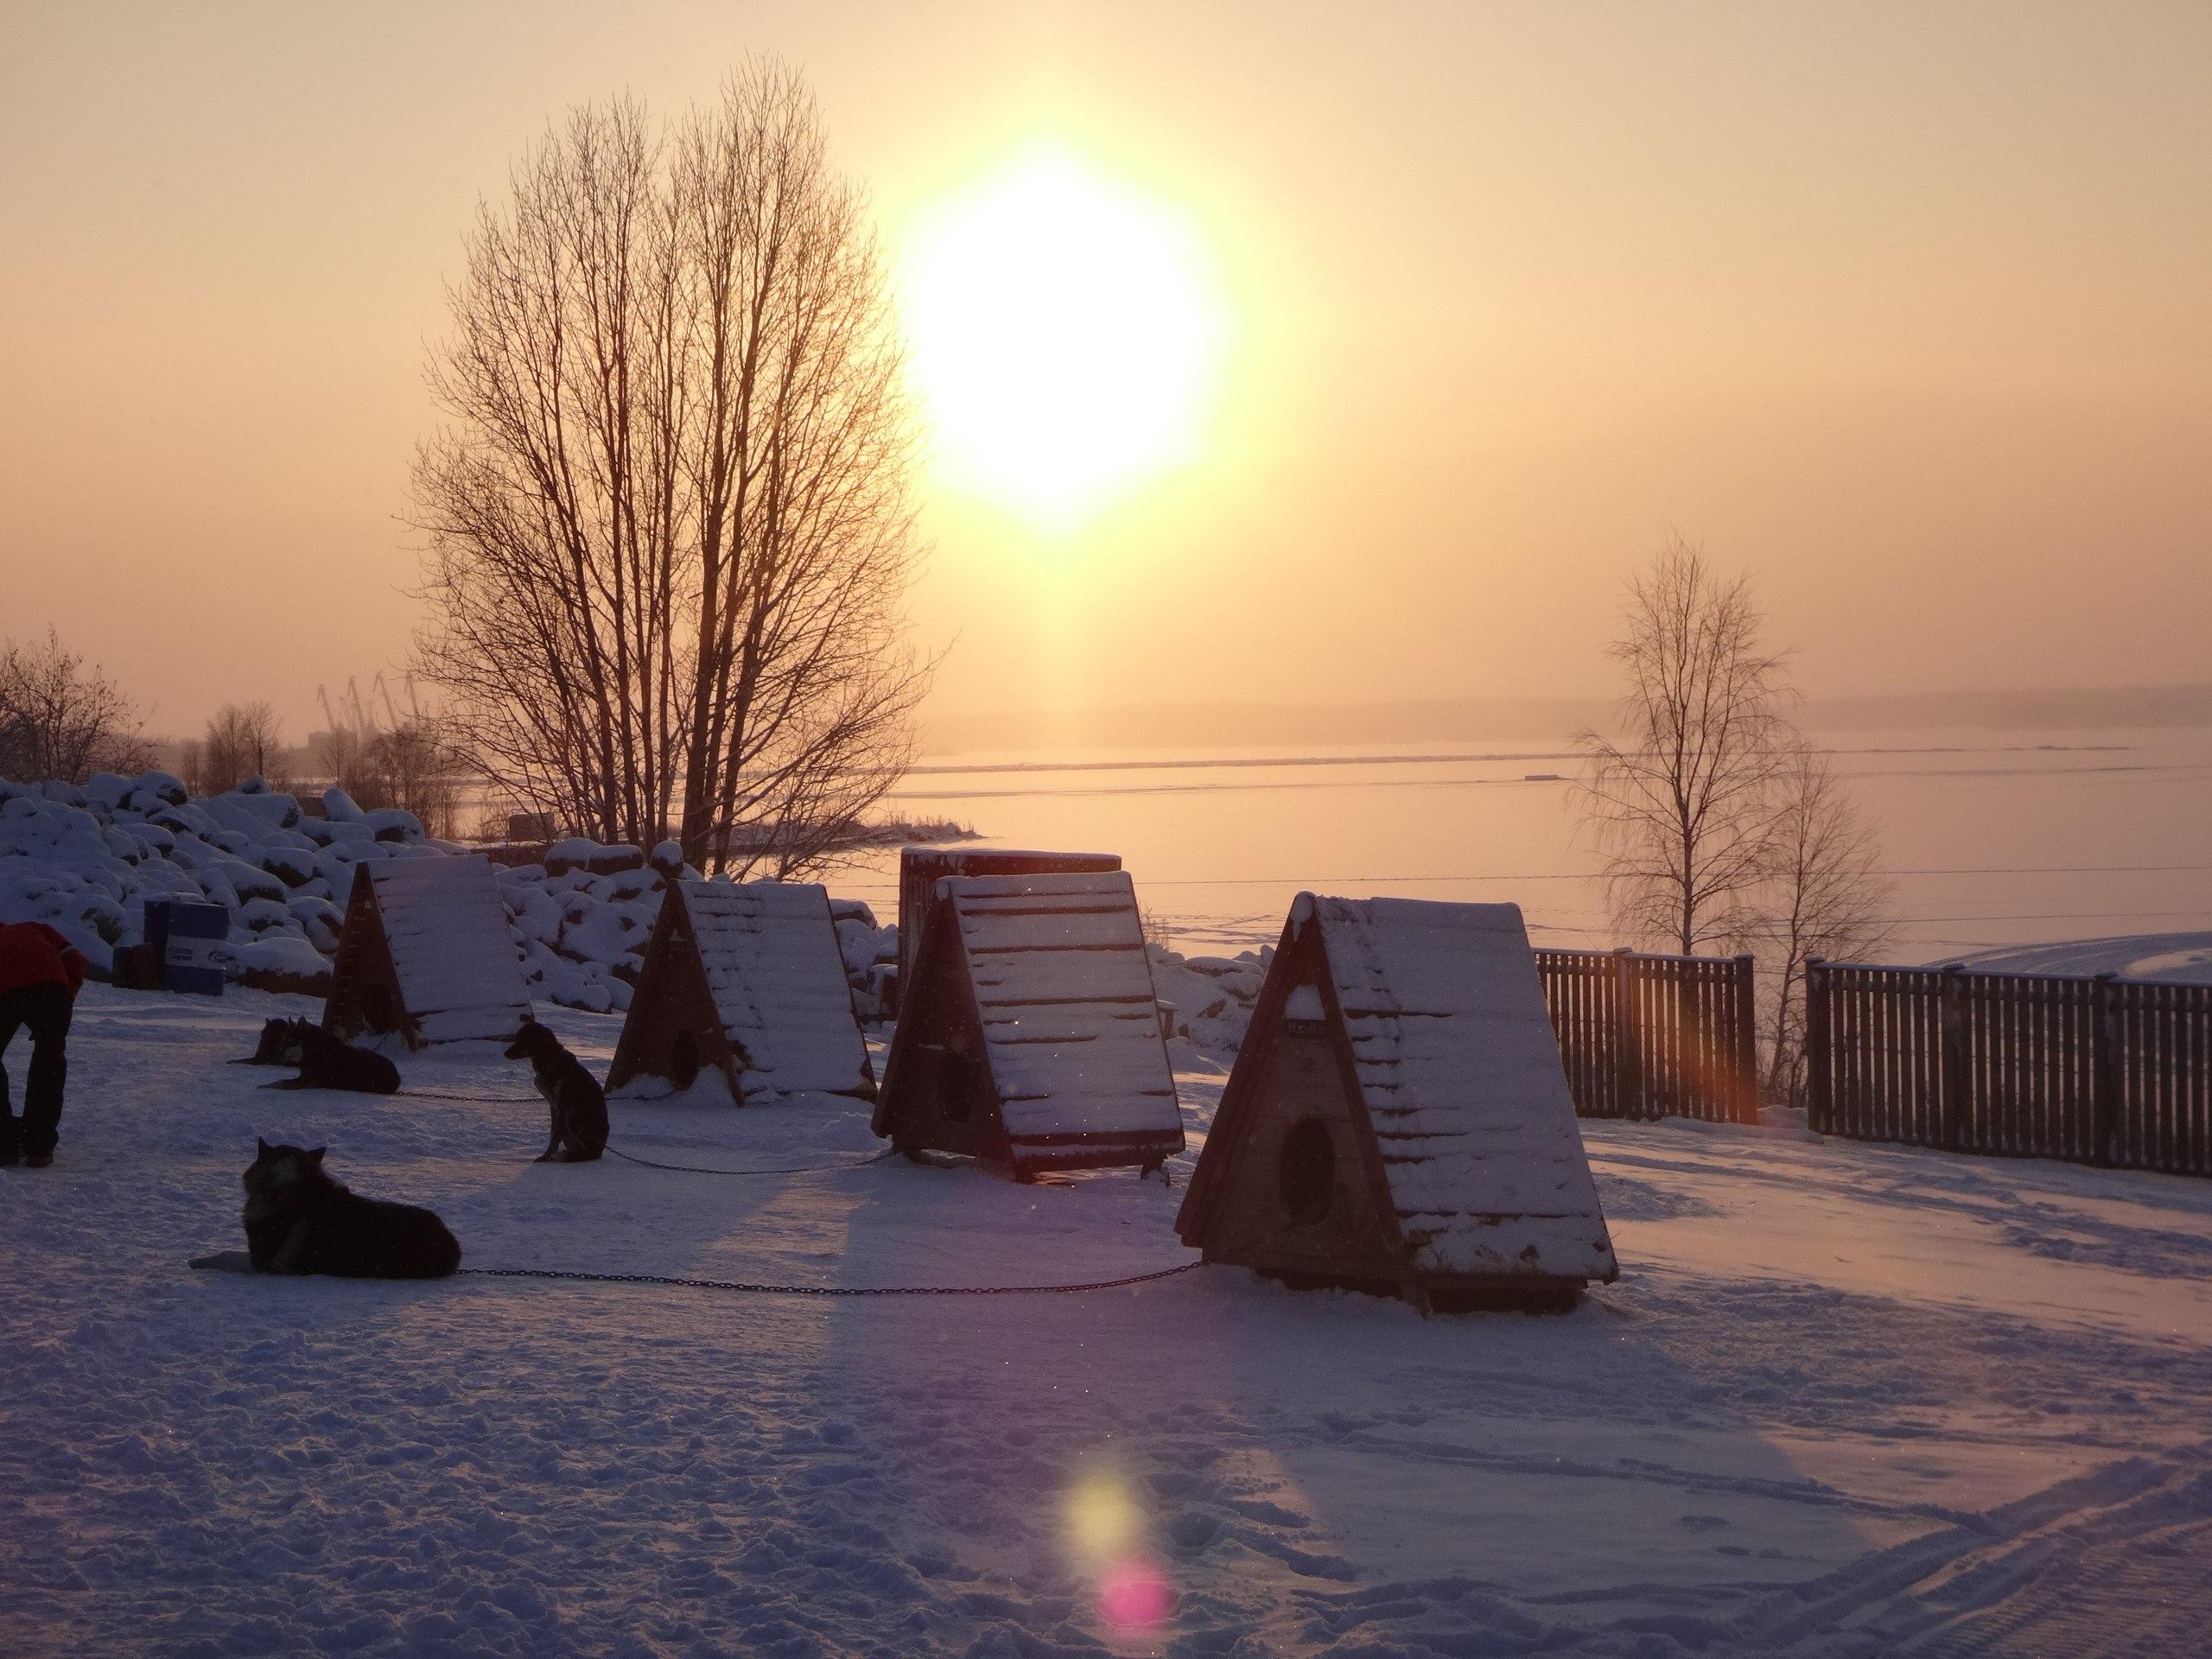 День, когда нам было очень холодно в Карелии.